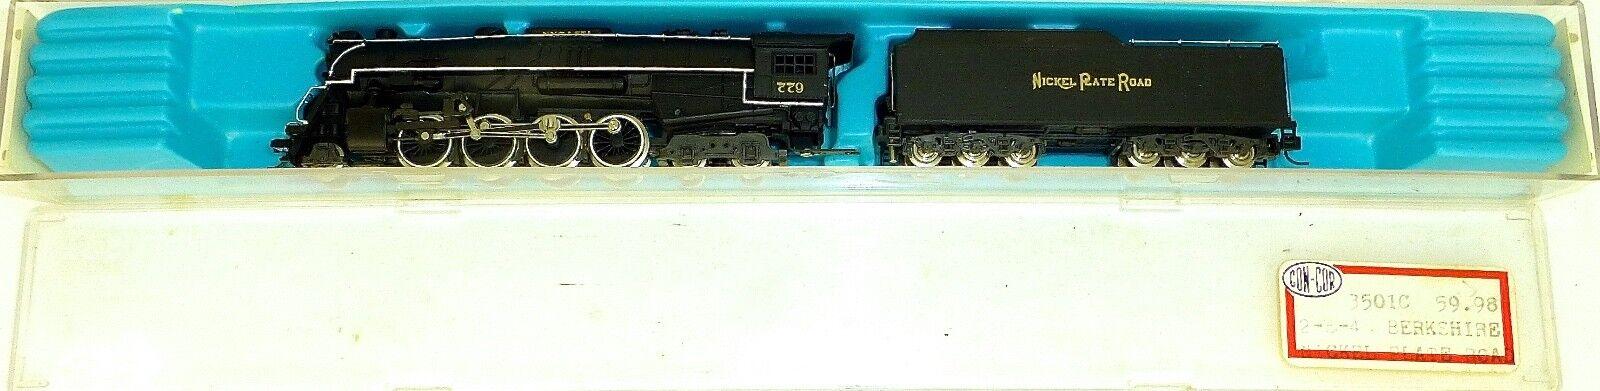 Rivarossi 9293 2-8-4 Berkshire 779 níquel plate Road máquina de vapor OVP n 1 160 Å